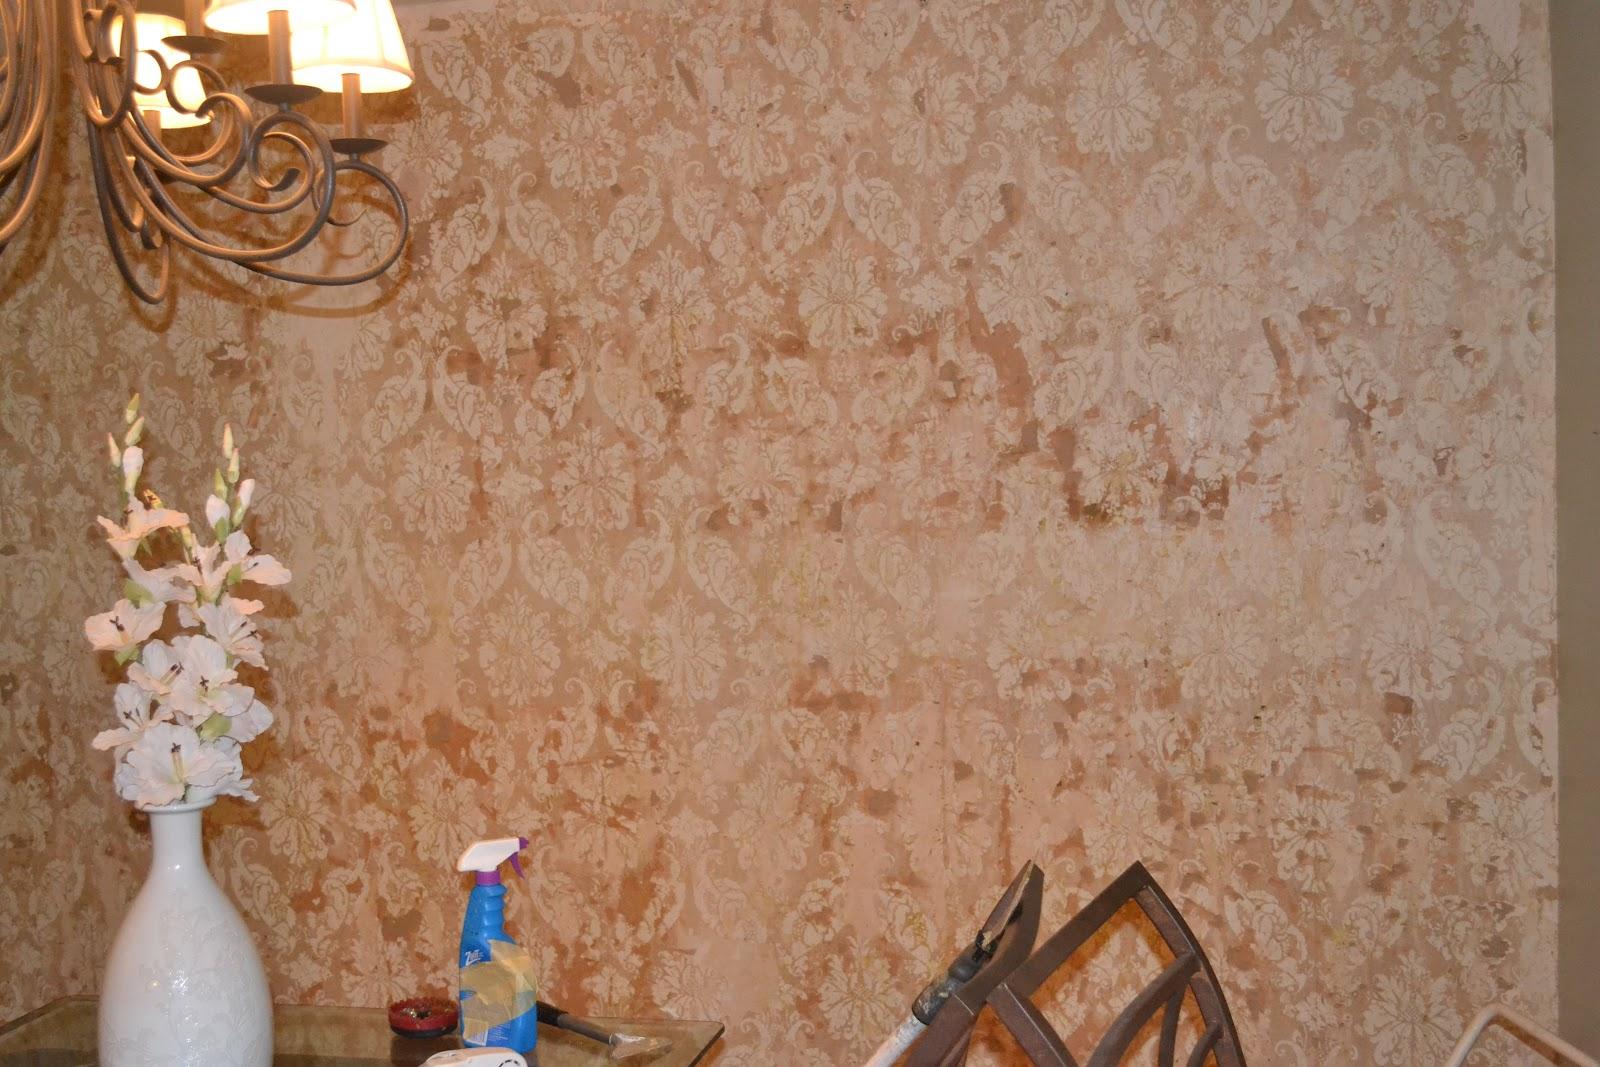 Wallpaper Removal Vinegar Wallpaper Full HD 1600x1067